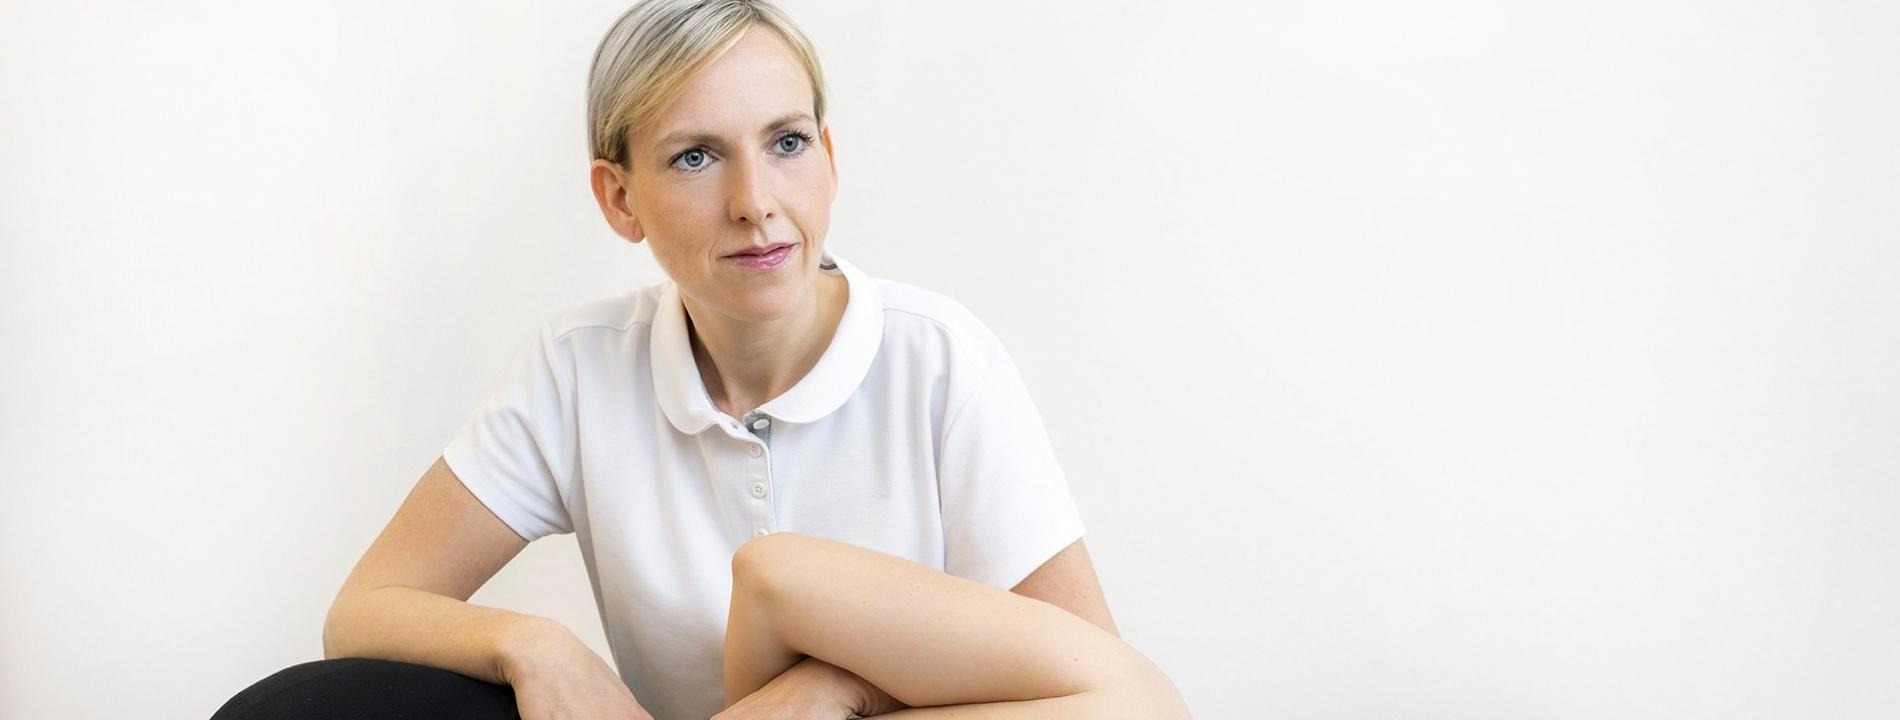 Über mich 1050 Wien  - Stefanie Huber